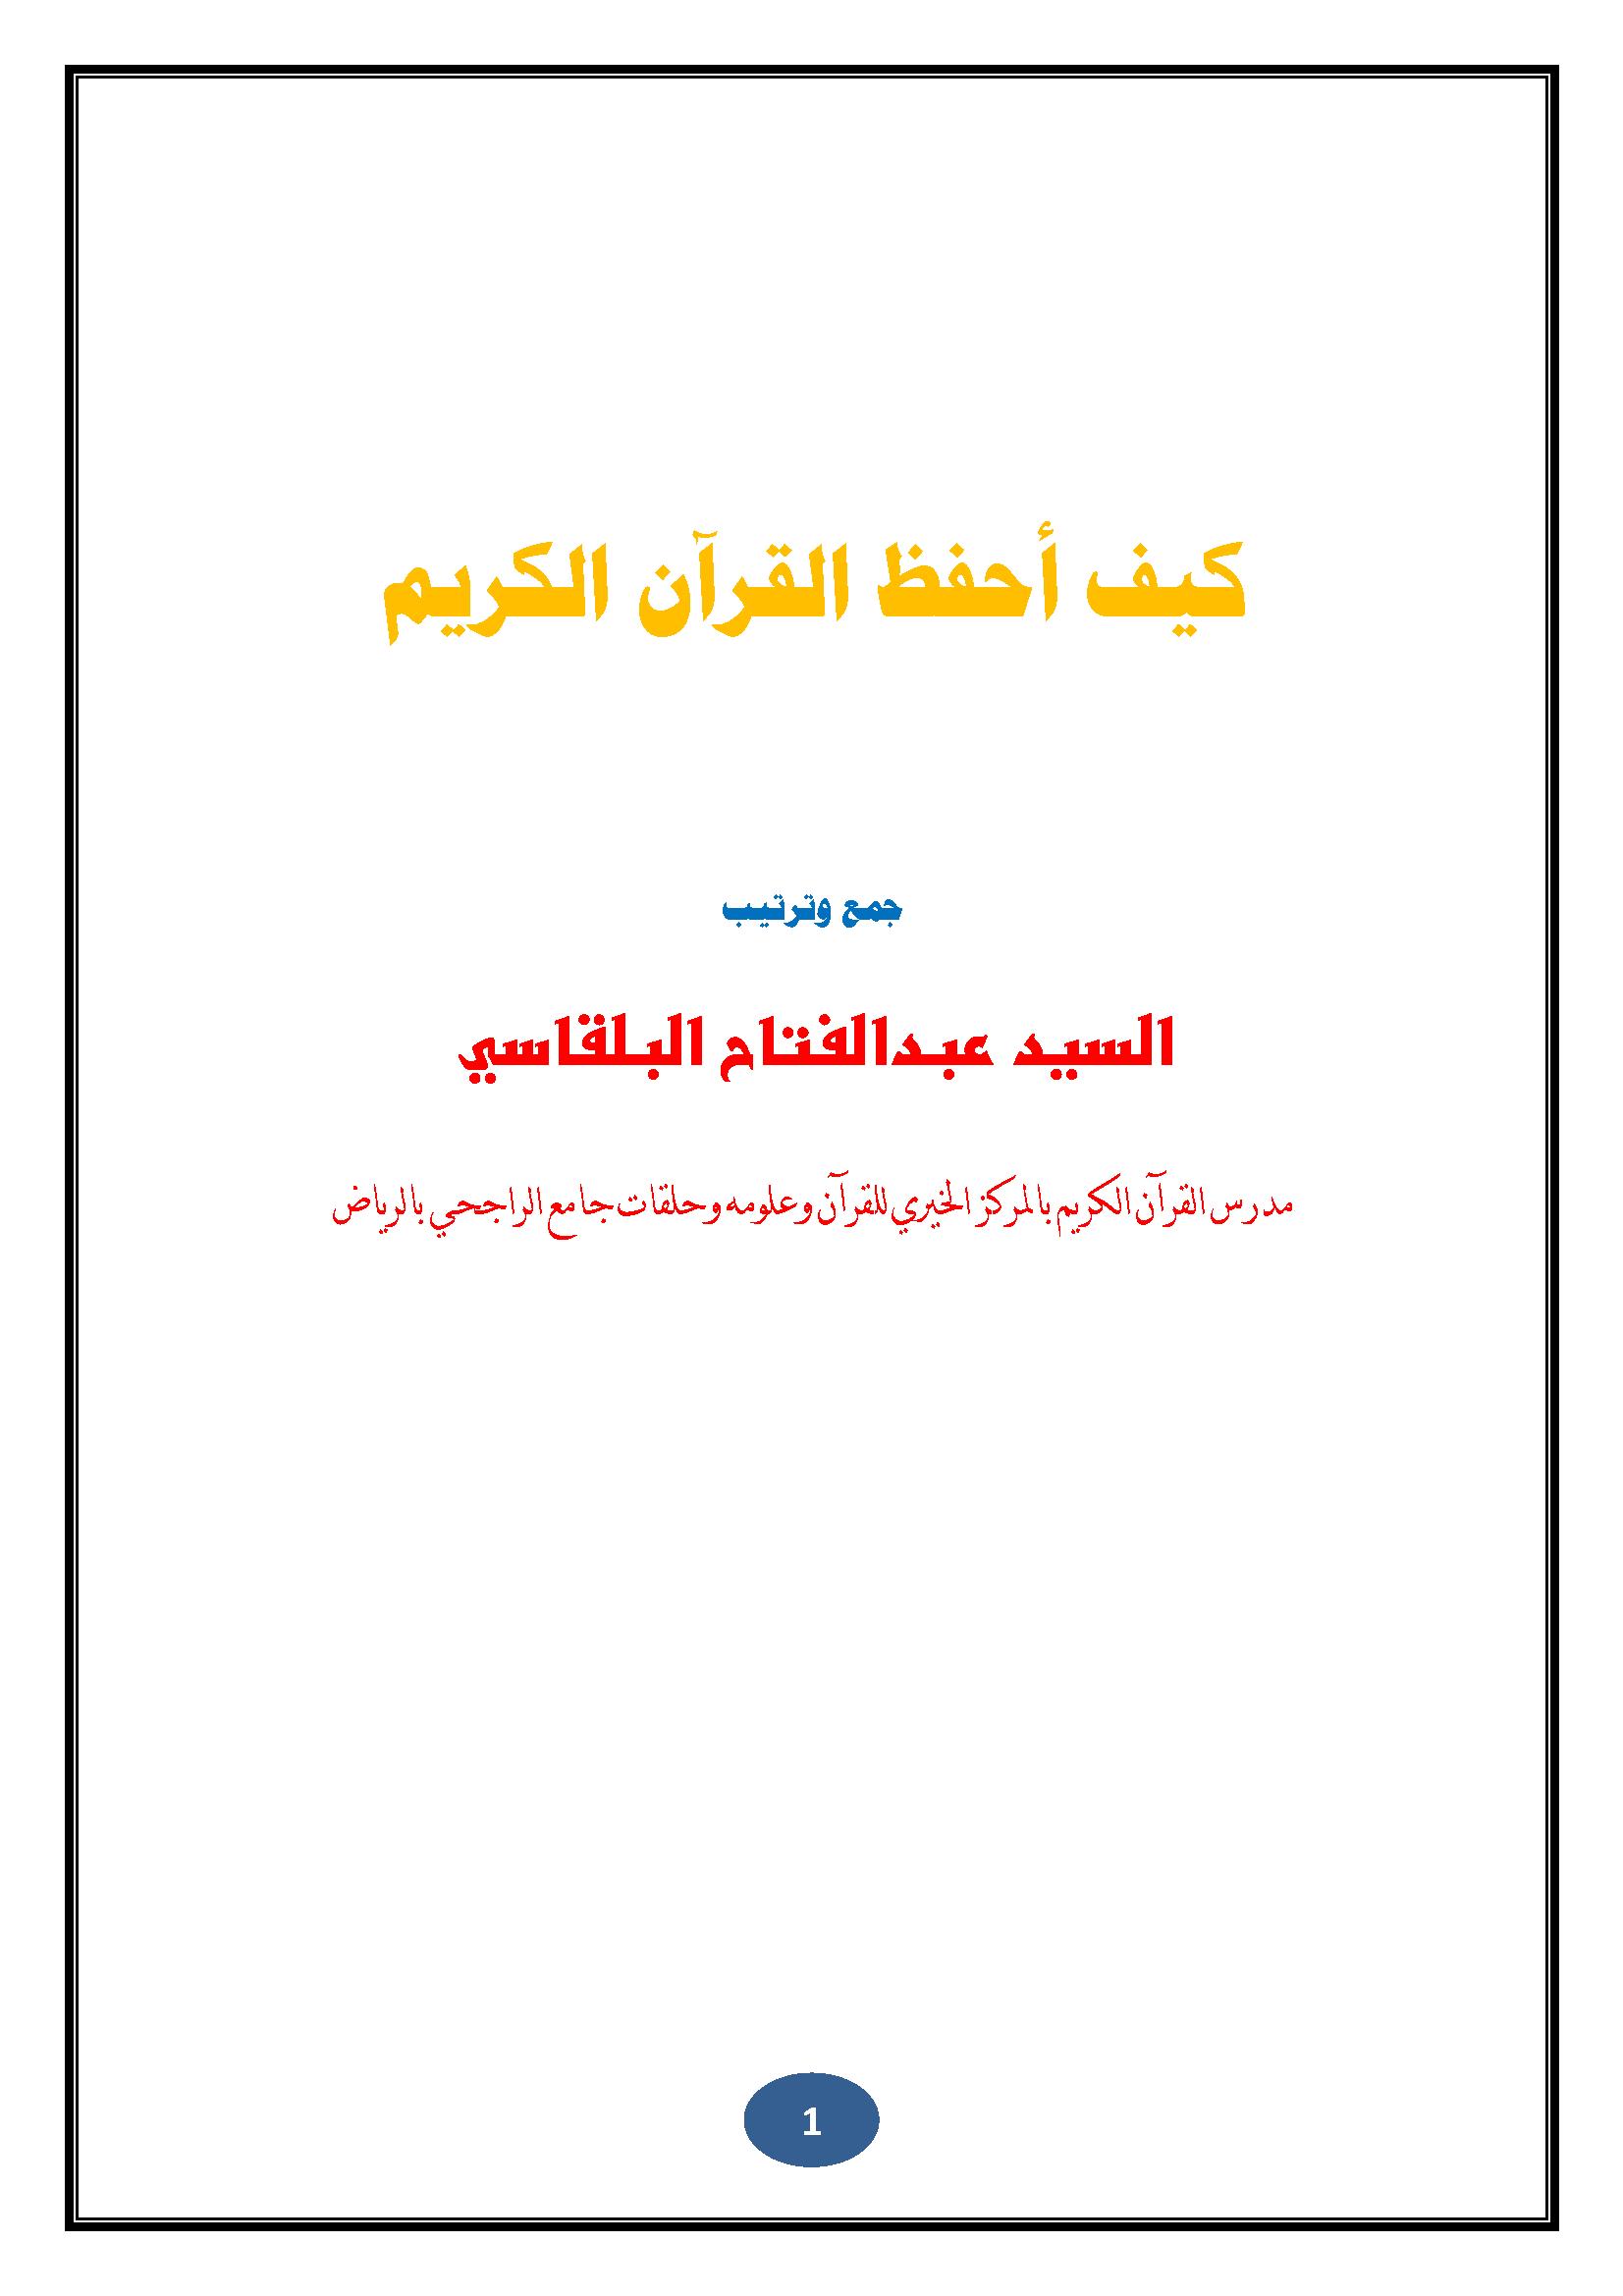 تحميل كتاب كيف أحفظ القرآن الكريم؟ لـِ: الشيخ السيد عبد الفتاح البلقاسي